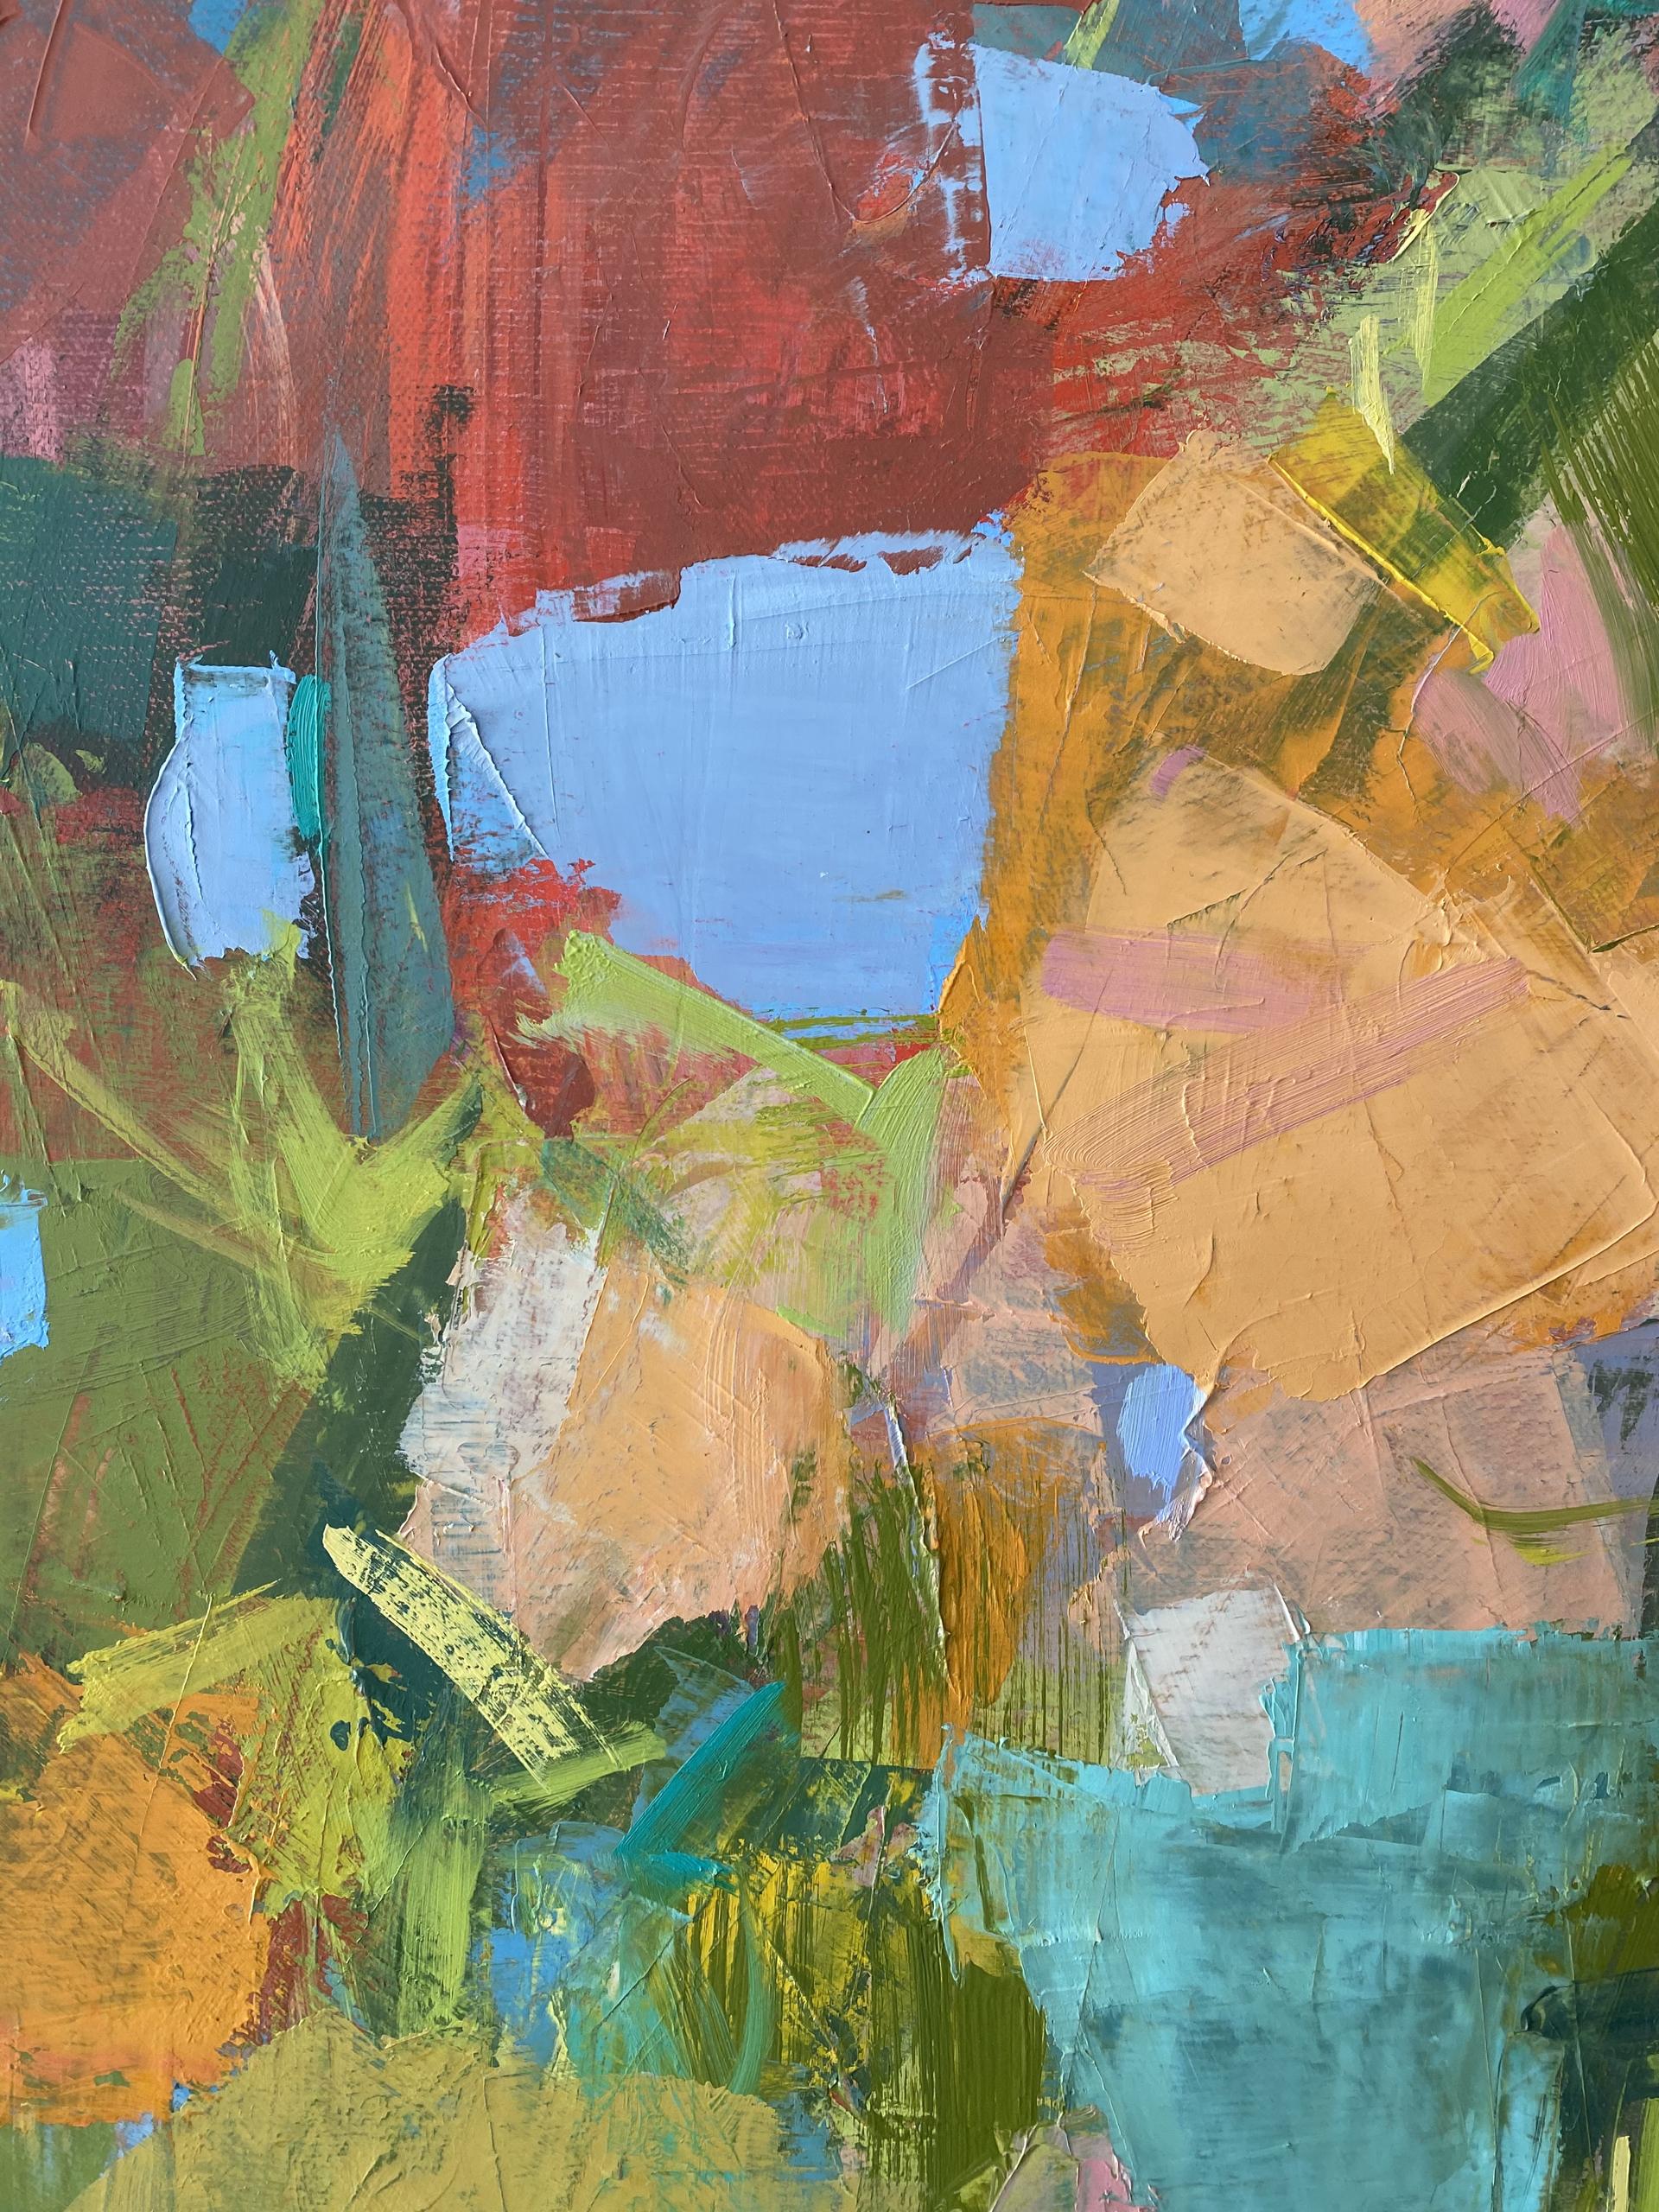 Indian Paintbrush by Marissa Vogl